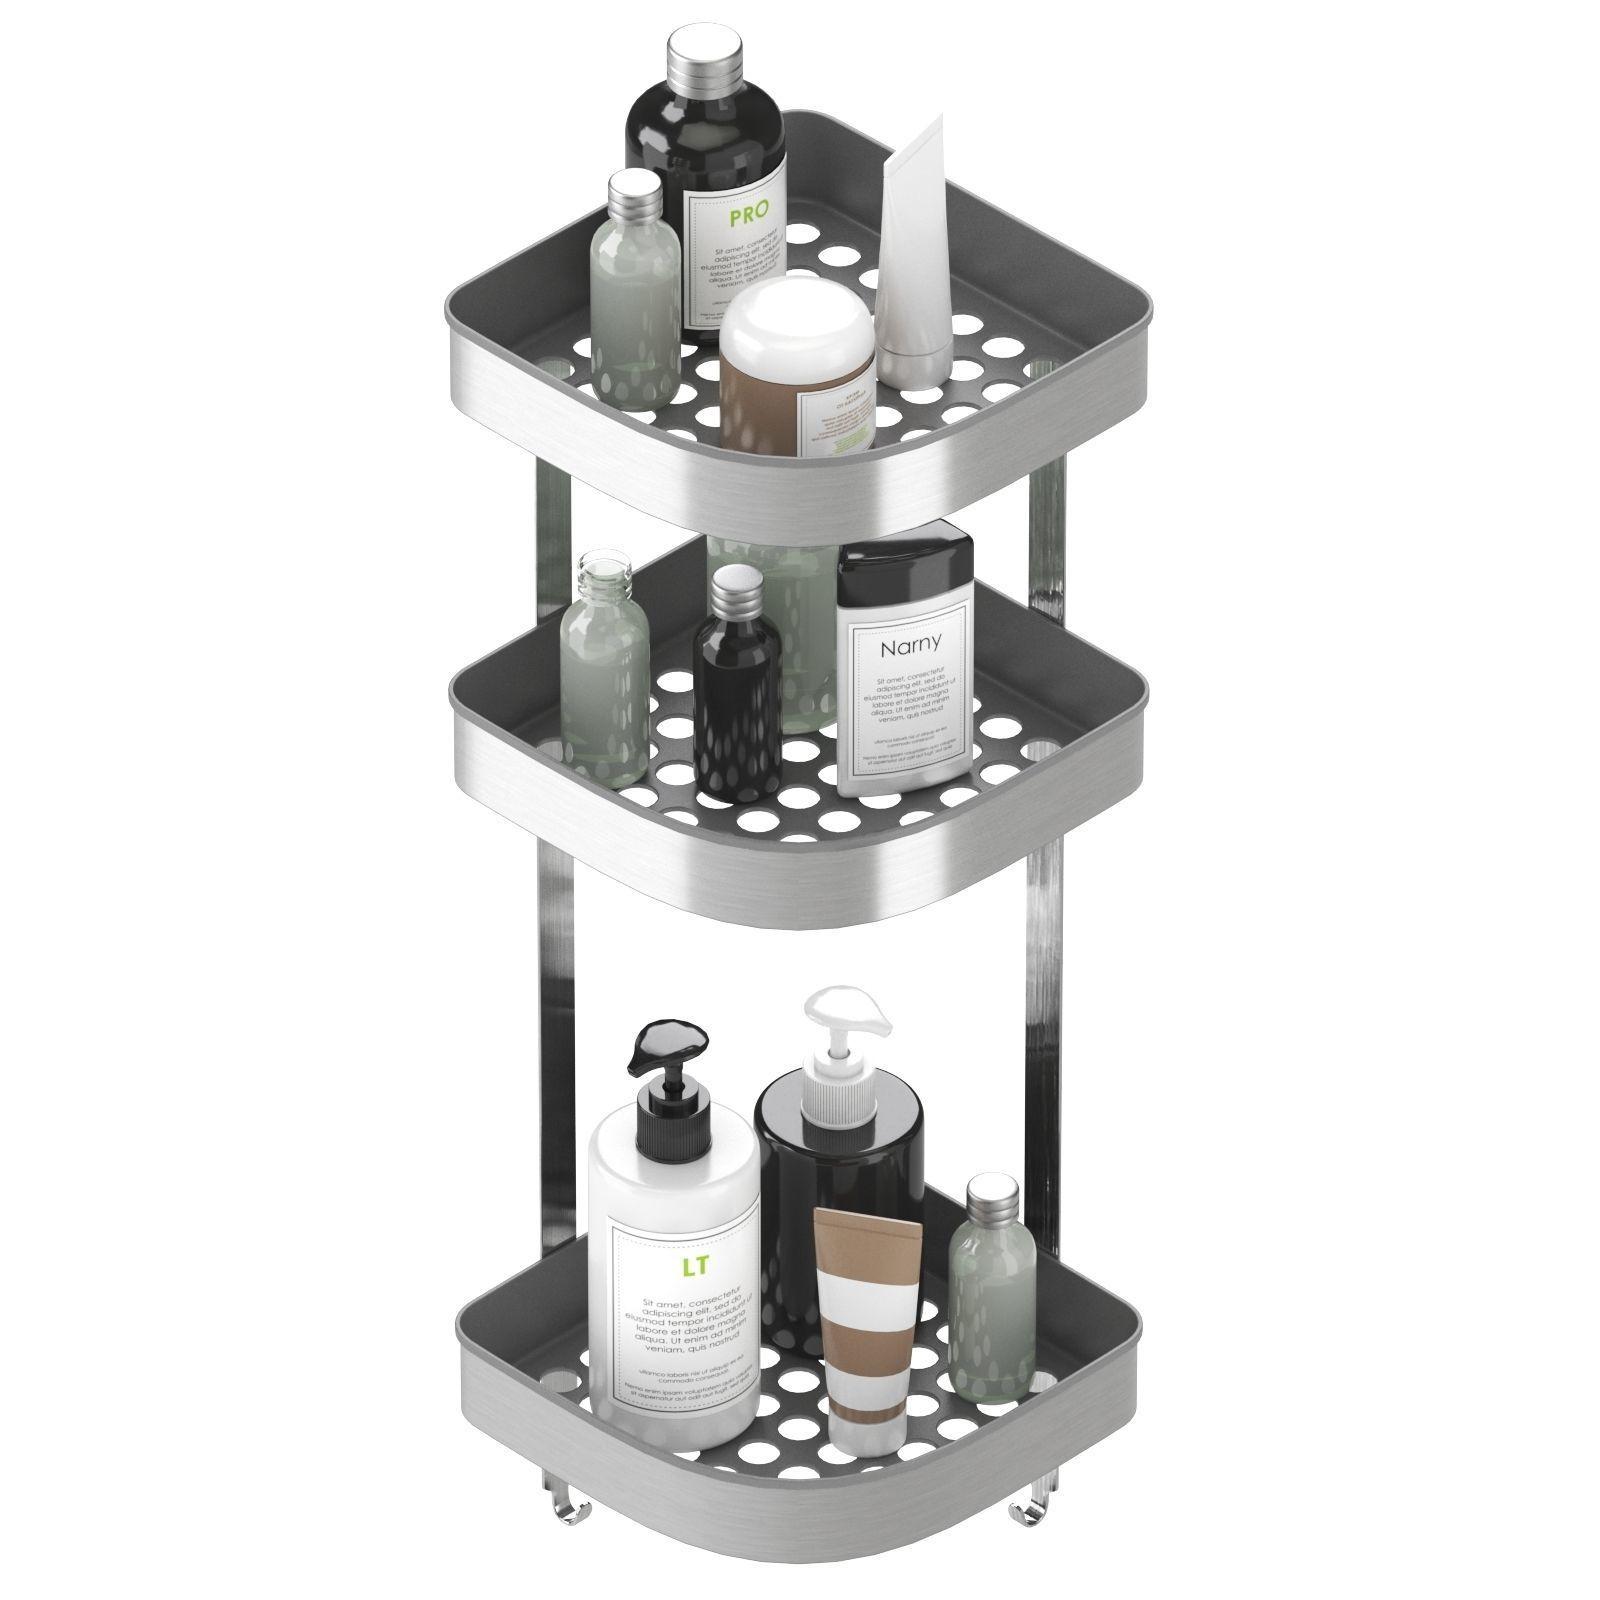 Brogrund Corner Wall Shelf Unit Stainless Steel By Ikea 3d Model